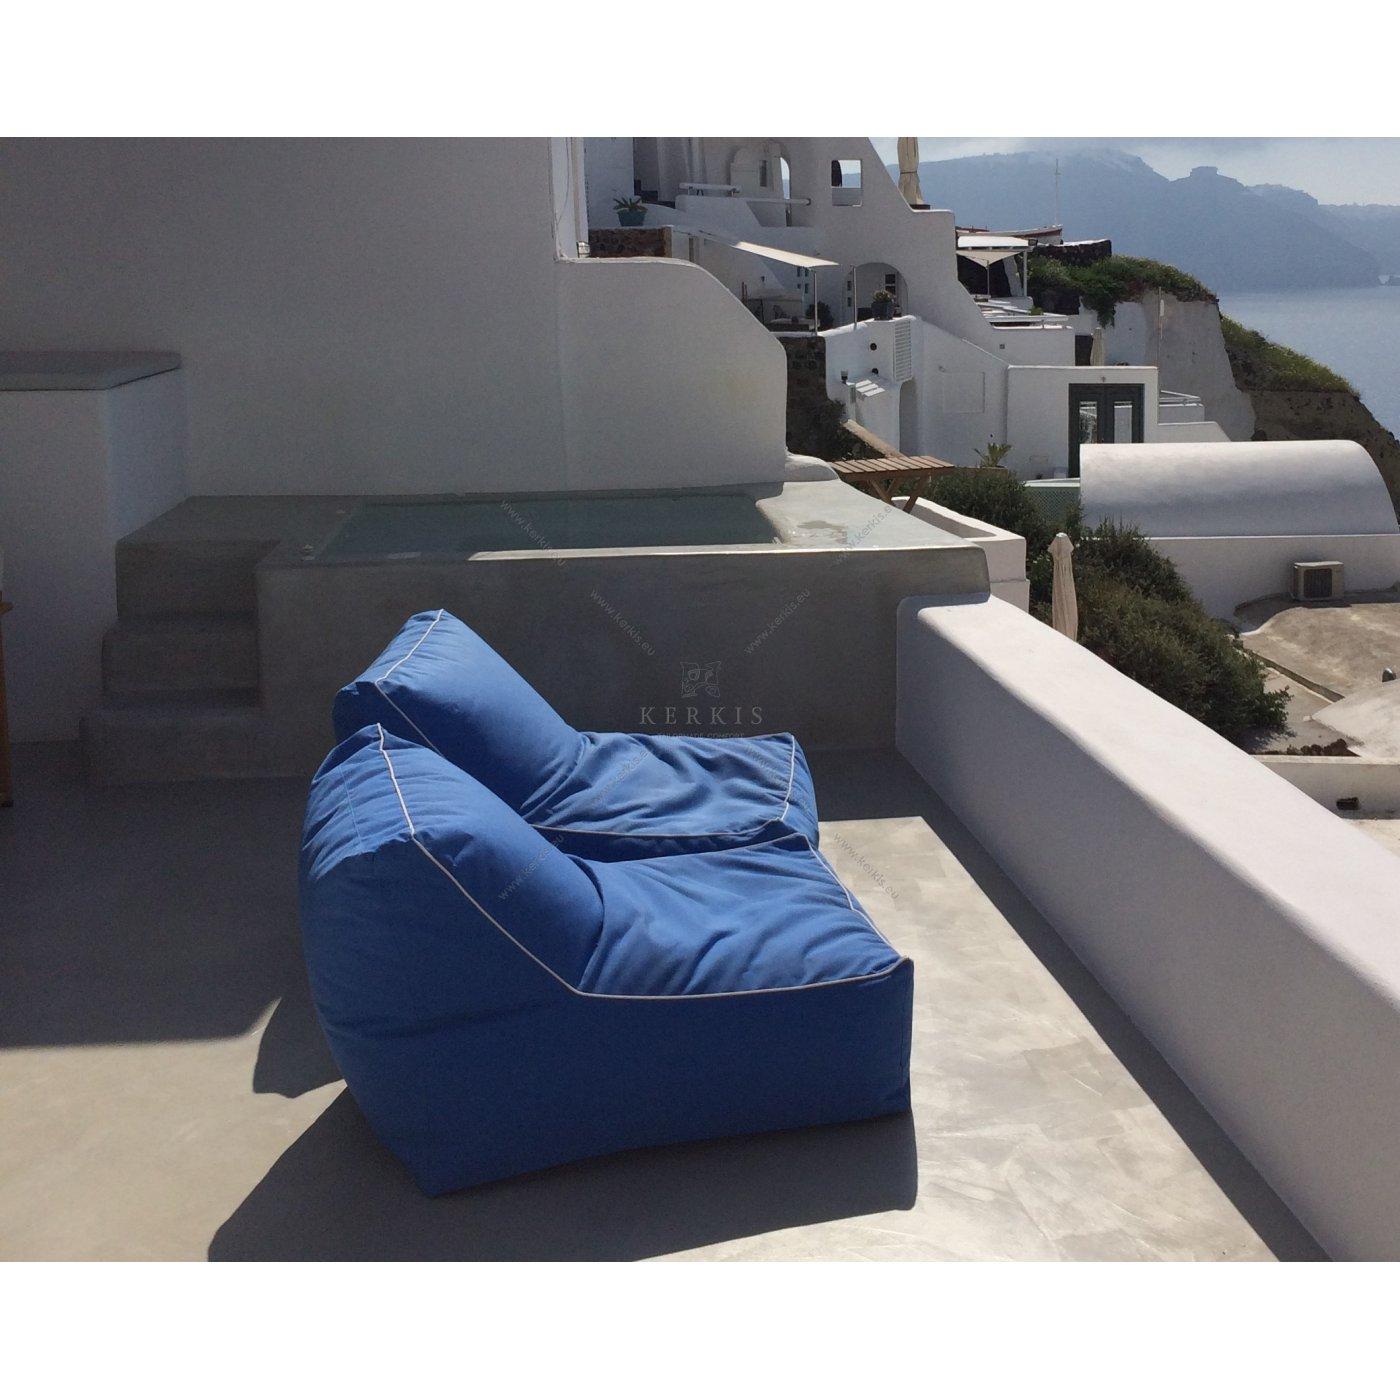 Πουφ για εξωτερικούς χώρους με ειδικά υφάσματα που δεν ξεθωριάζουν από τον ήλιο